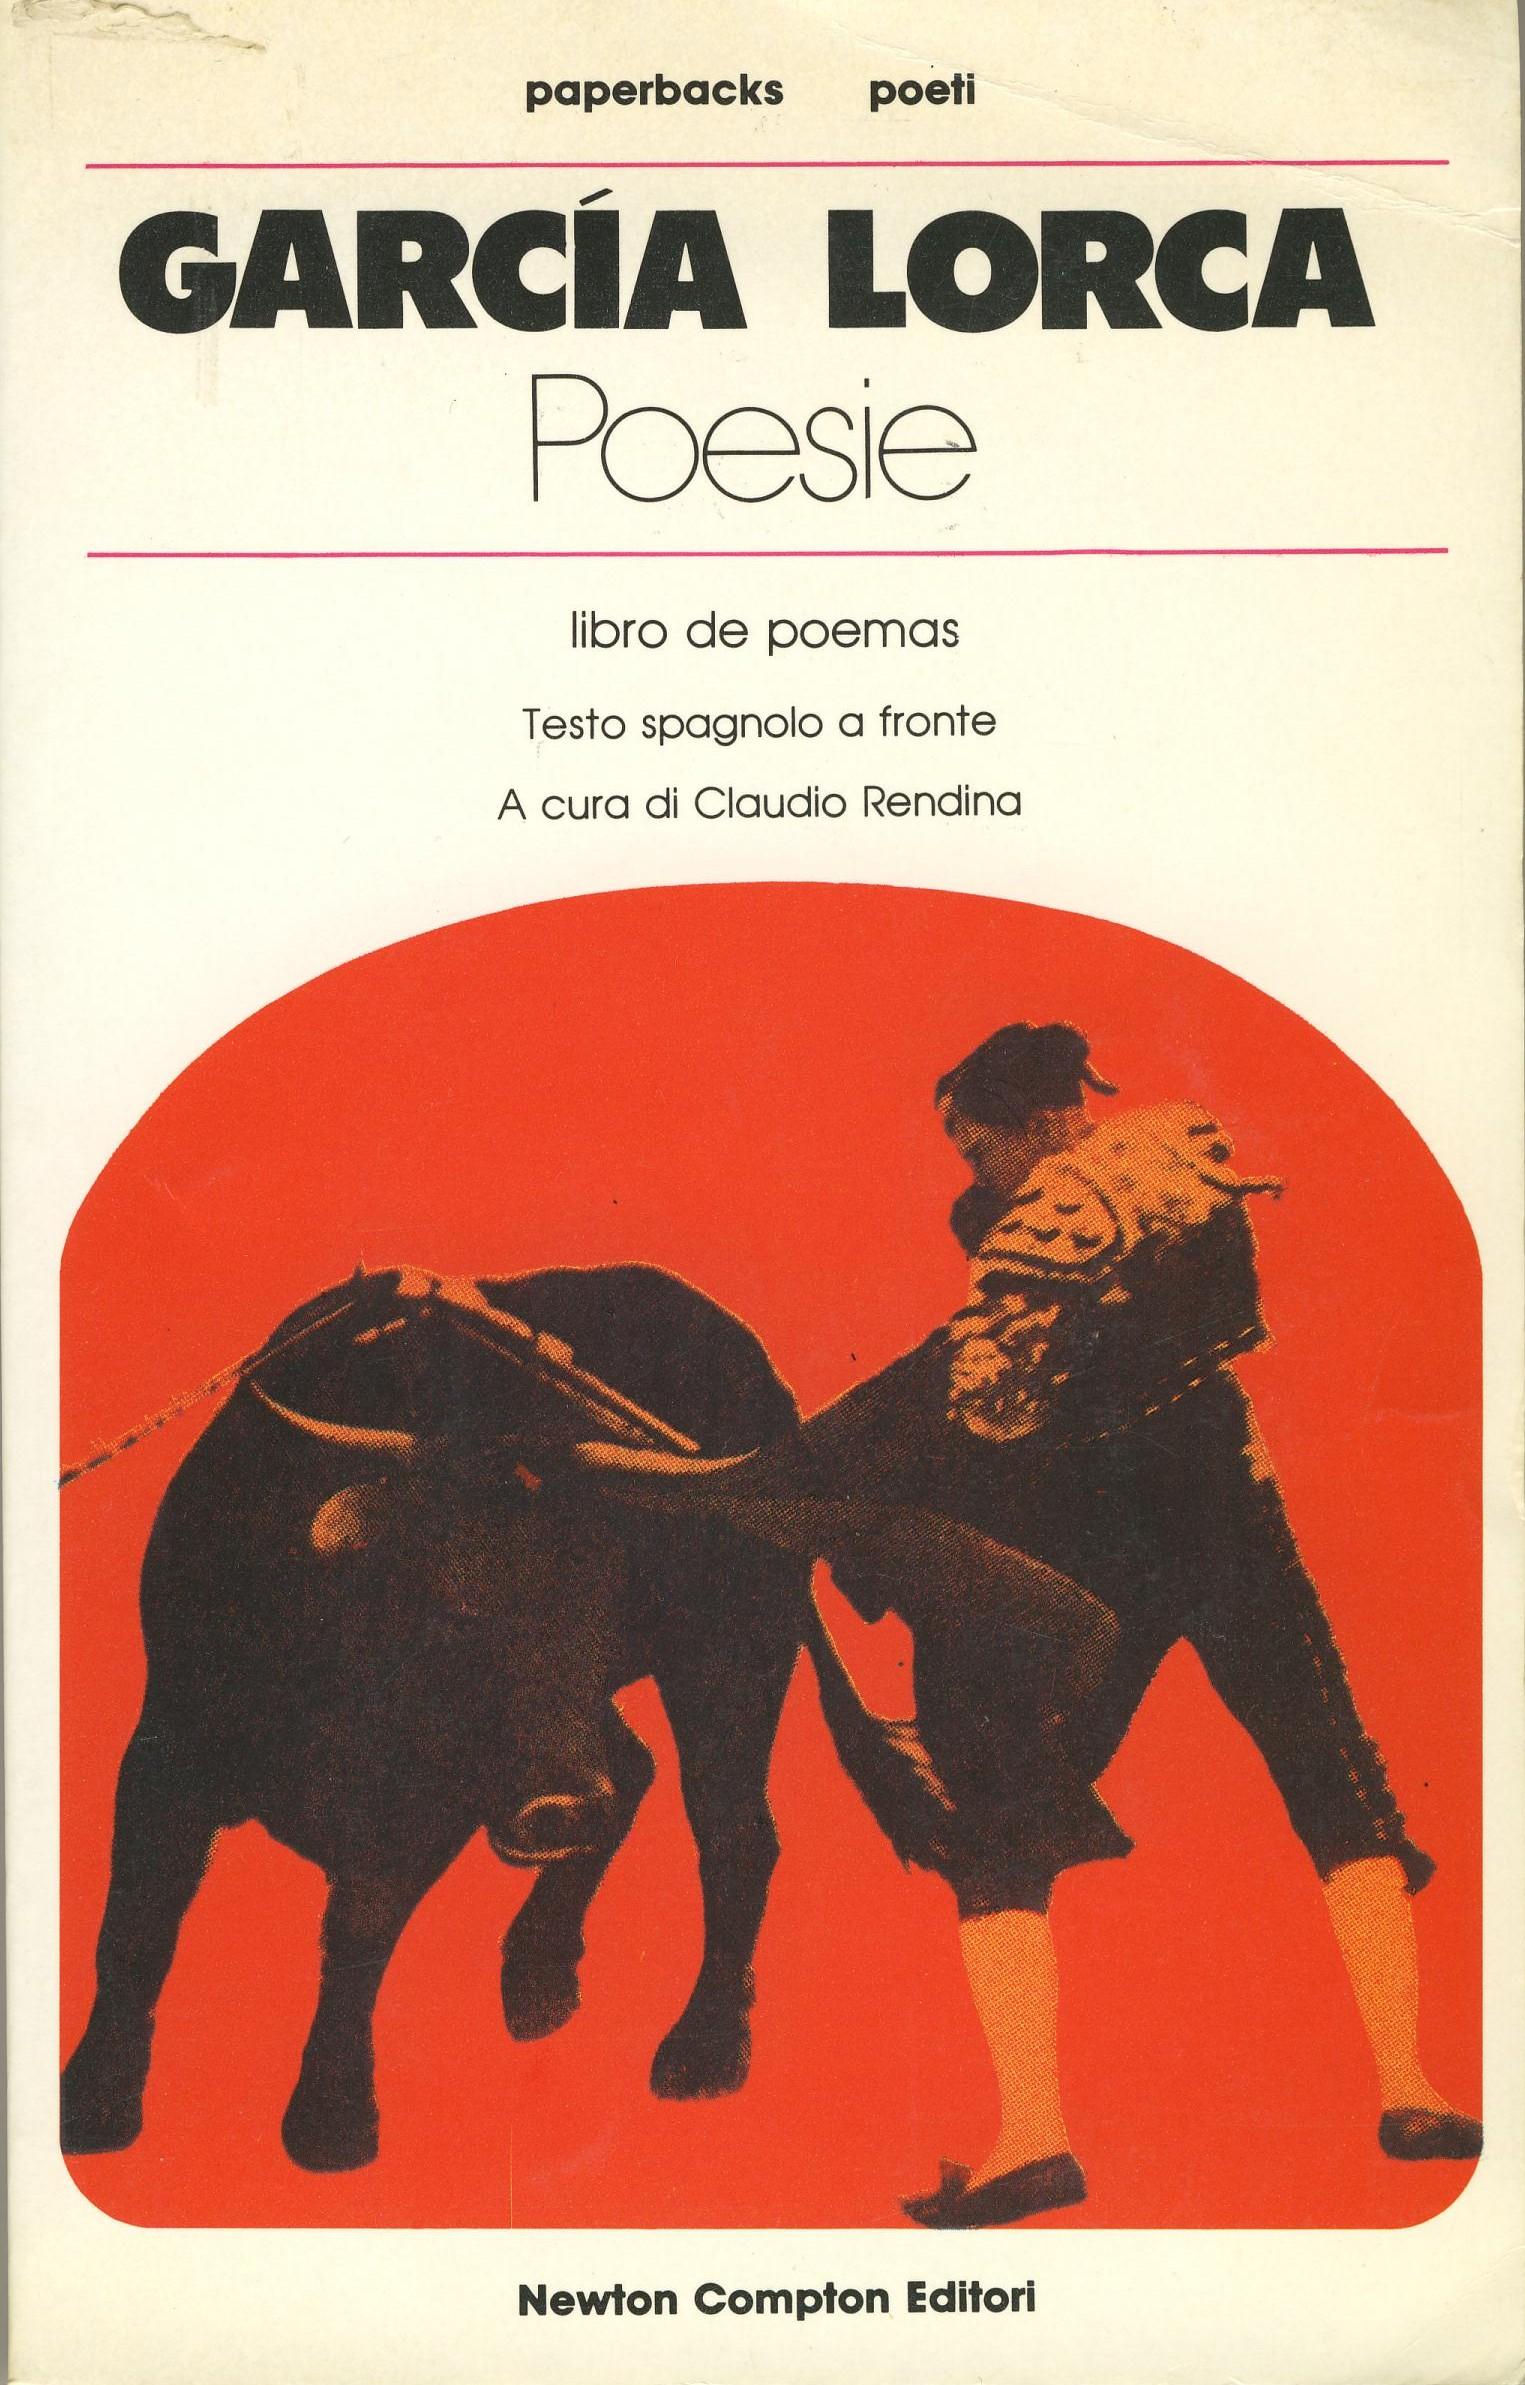 Garcia Lorca Poesie